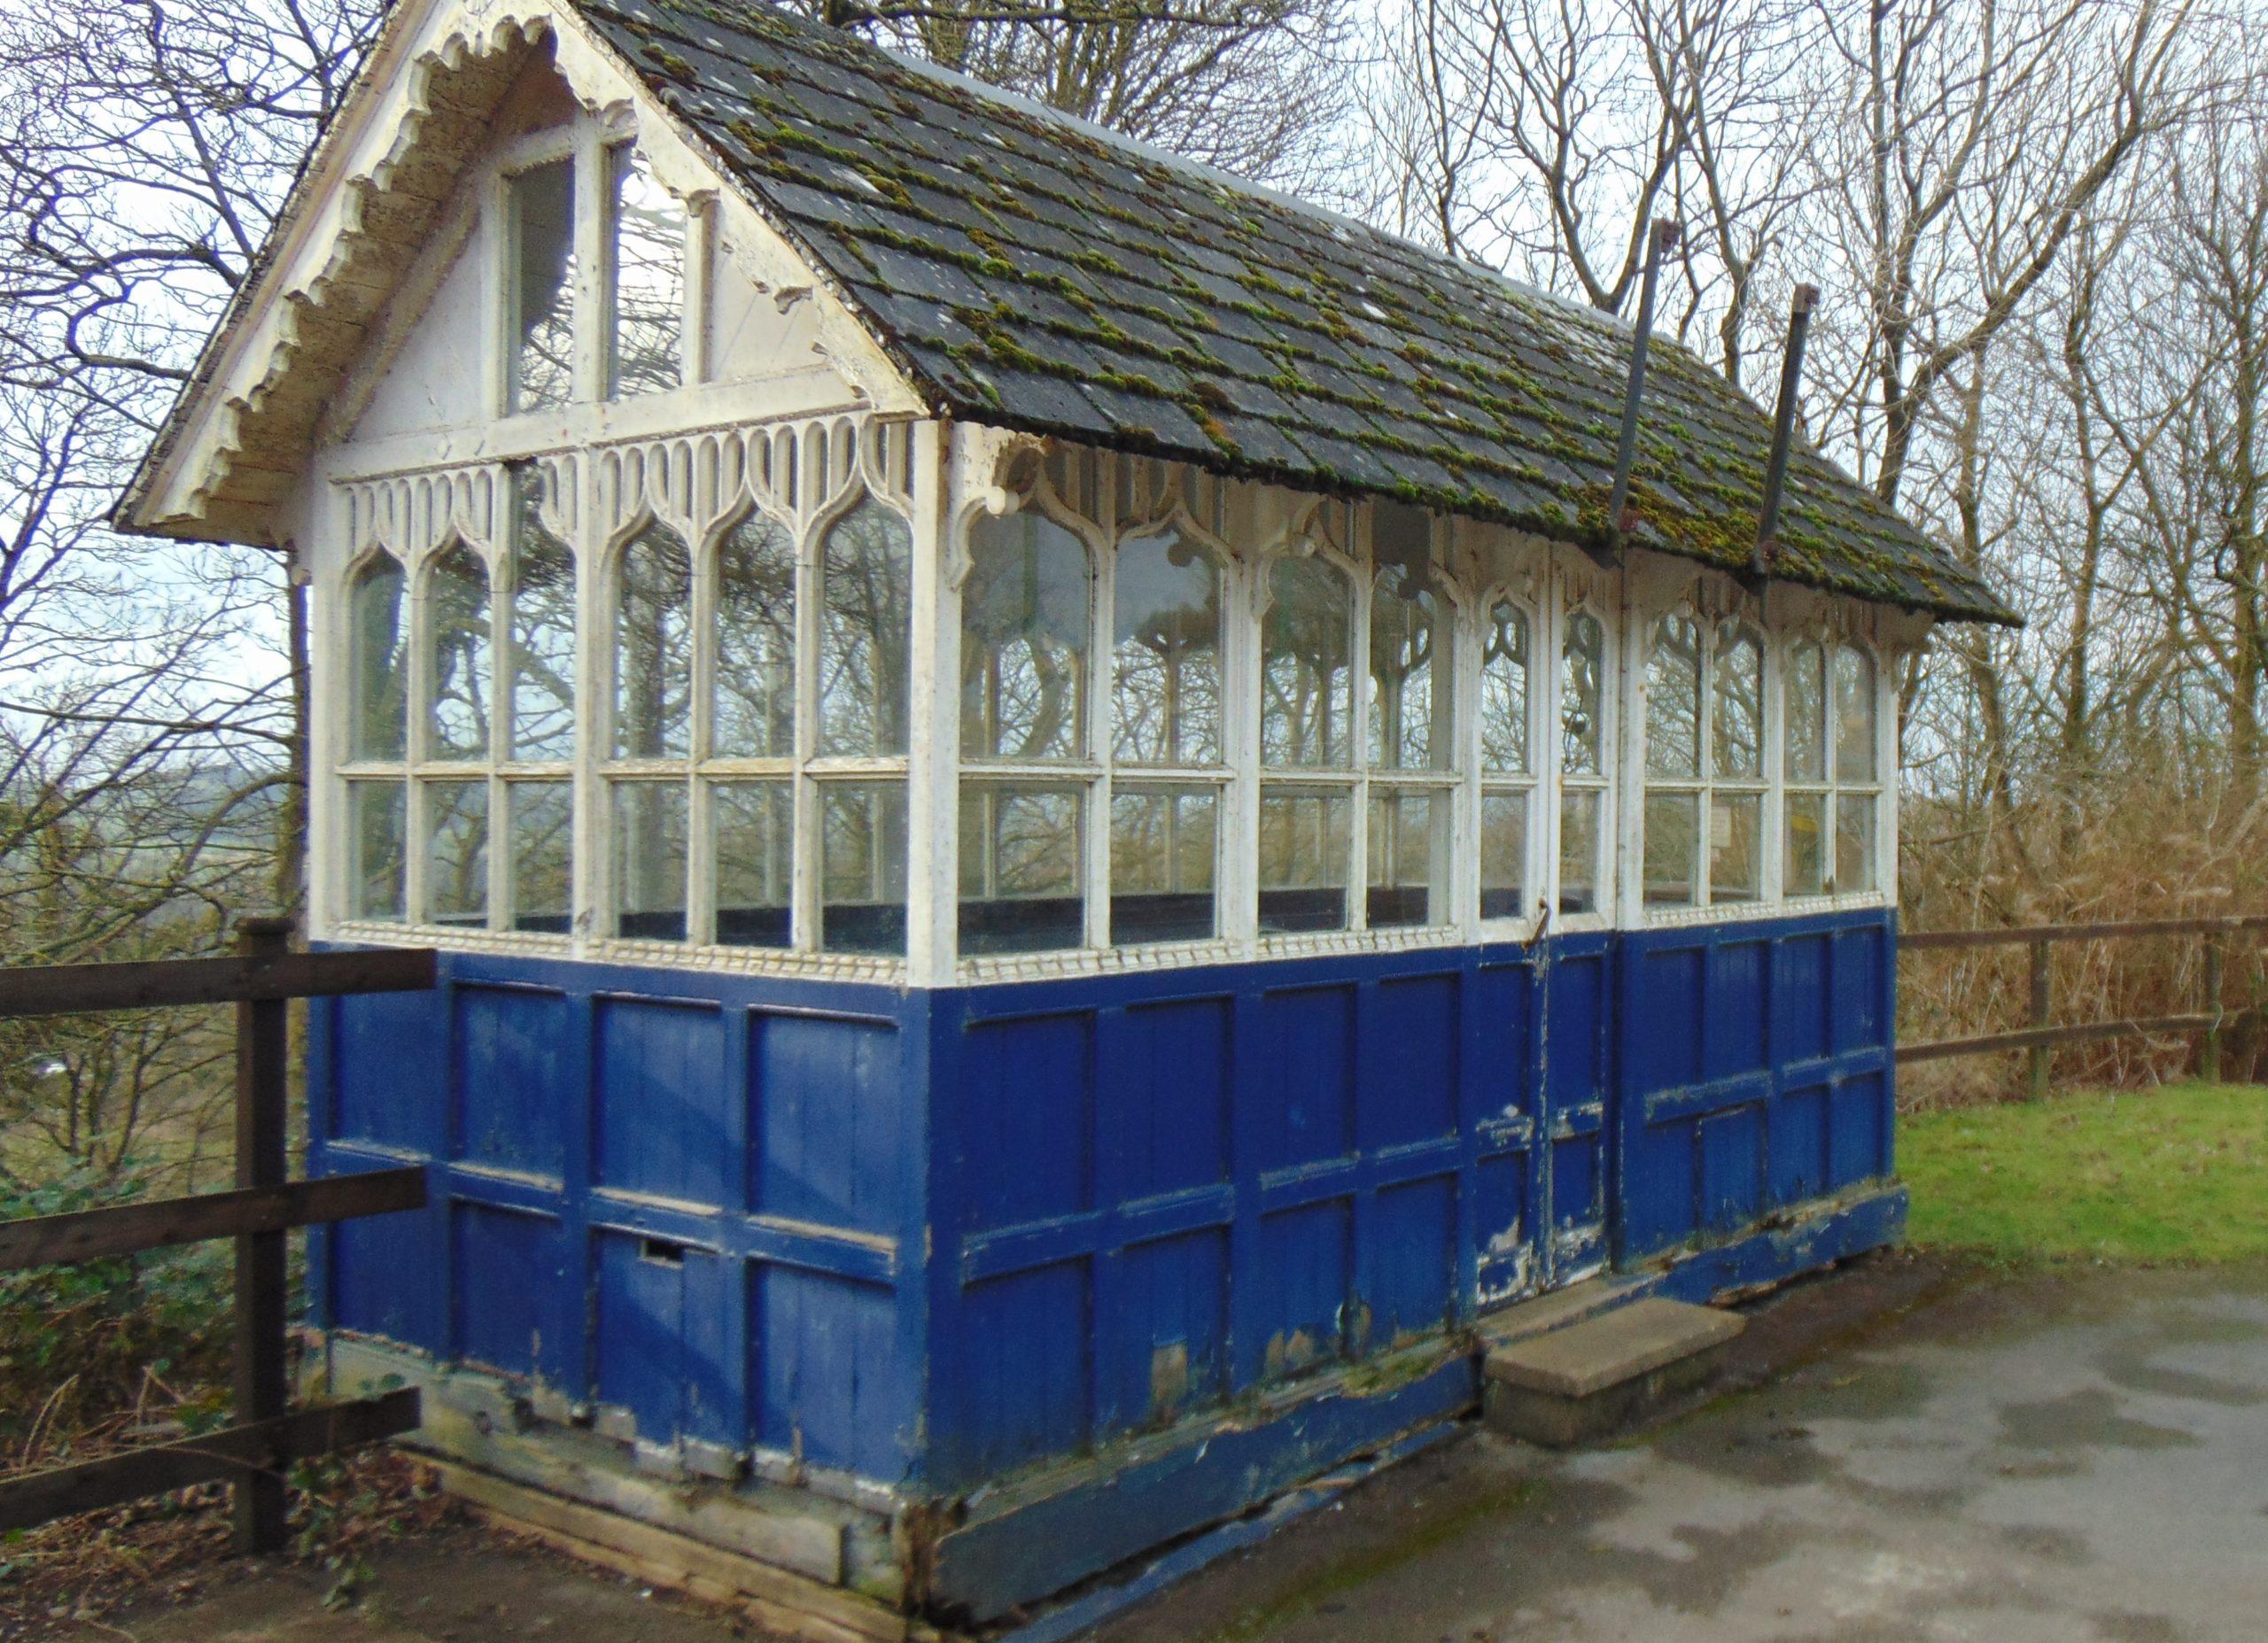 Cabmen's shelter prior to restoration